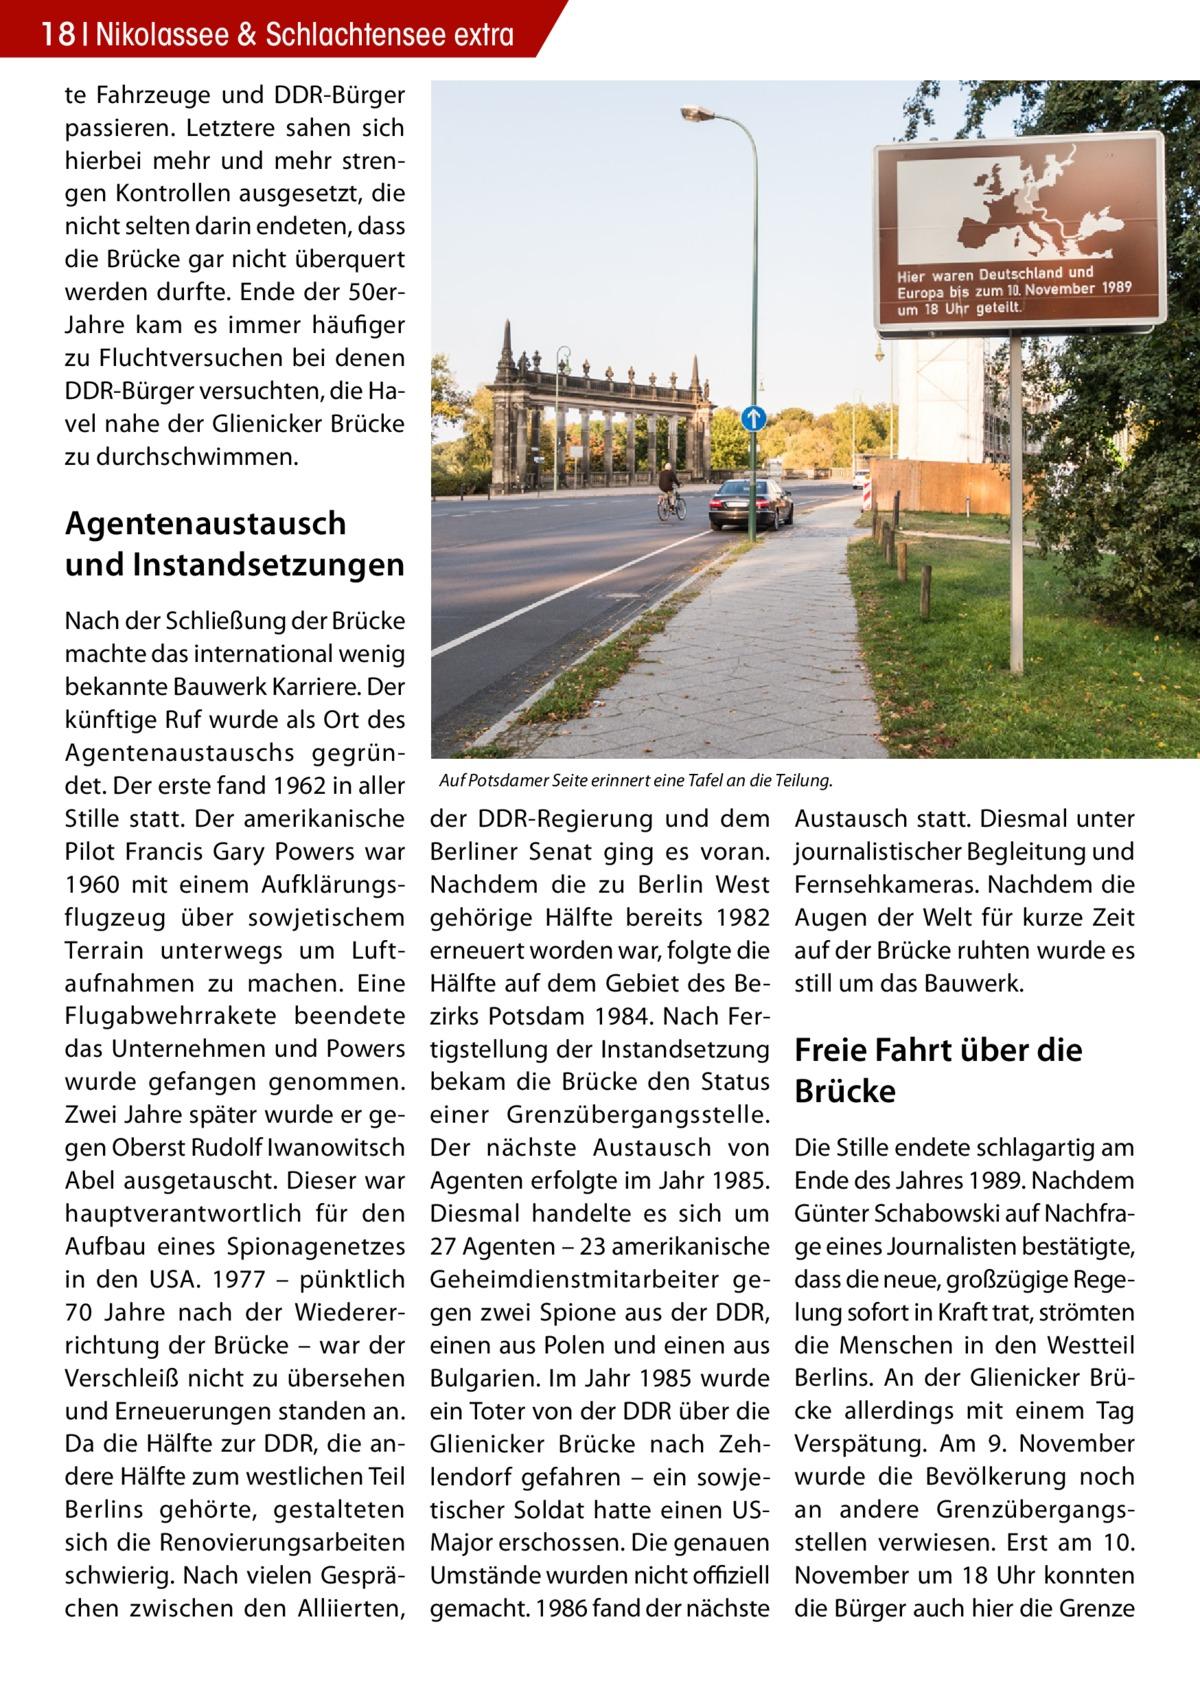 18 Nikolassee & Schlachtensee extra te Fahrzeuge und DDR-Bürger passieren. Letztere sahen sich hierbei mehr und mehr strengen Kontrollen ausgesetzt, die nicht selten darin endeten, dass die Brücke gar nicht überquert werden durfte. Ende der 50erJahre kam es immer häufiger zu Fluchtversuchen bei denen DDR-Bürger versuchten, die Havel nahe der Glienicker Brücke zu durchschwimmen.  Agentenaustausch und Instandsetzungen Nach der Schließung der Brücke machte das international wenig bekannte Bauwerk Karriere. Der künftige Ruf wurde als Ort des Agentenaustauschs gegründet. Der erste fand 1962 in aller Stille statt. Der amerikanische Pilot Francis Gary Powers war 1960 mit einem Aufklärungsflugzeug über sowjetischem Terrain unterwegs um Luftaufnahmen zu machen. Eine Flugabwehrrakete beendete das Unternehmen und Powers wurde gefangen genommen. Zwei Jahre später wurde er gegen Oberst Rudolf Iwanowitsch Abel ausgetauscht. Dieser war hauptverantwortlich für den Aufbau eines Spionagenetzes in den USA. 1977 – pünktlich 70 Jahre nach der Wiedererrichtung der Brücke – war der Verschleiß nicht zu übersehen und Erneuerungen standen an. Da die Hälfte zur DDR, die andere Hälfte zum westlichen Teil Berlins gehörte, gestalteten sich die Renovierungsarbeiten schwierig. Nach vielen Gesprächen zwischen den Alliierten,  Auf Potsdamer Seite erinnert eine Tafel an die Teilung.  der DDR-Regierung und dem Berliner Senat ging es voran. Nachdem die zu Berlin West gehörige Hälfte bereits 1982 erneuert worden war, folgte die Hälfte auf dem Gebiet des Bezirks Potsdam 1984. Nach Fertigstellung der Instandsetzung bekam die Brücke den Status einer Grenzübergangsstelle. Der nächste Austausch von Agenten erfolgte im Jahr 1985. Diesmal handelte es sich um 27Agenten – 23 amerikanische Geheimdienstmitarbeiter gegen zwei Spione aus der DDR, einen aus Polen und einen aus Bulgarien. Im Jahr 1985 wurde ein Toter von der DDR über die Glienicker Brücke nach Zehlendorf gefahren – ein sowjetischer Soldat hatte einen 